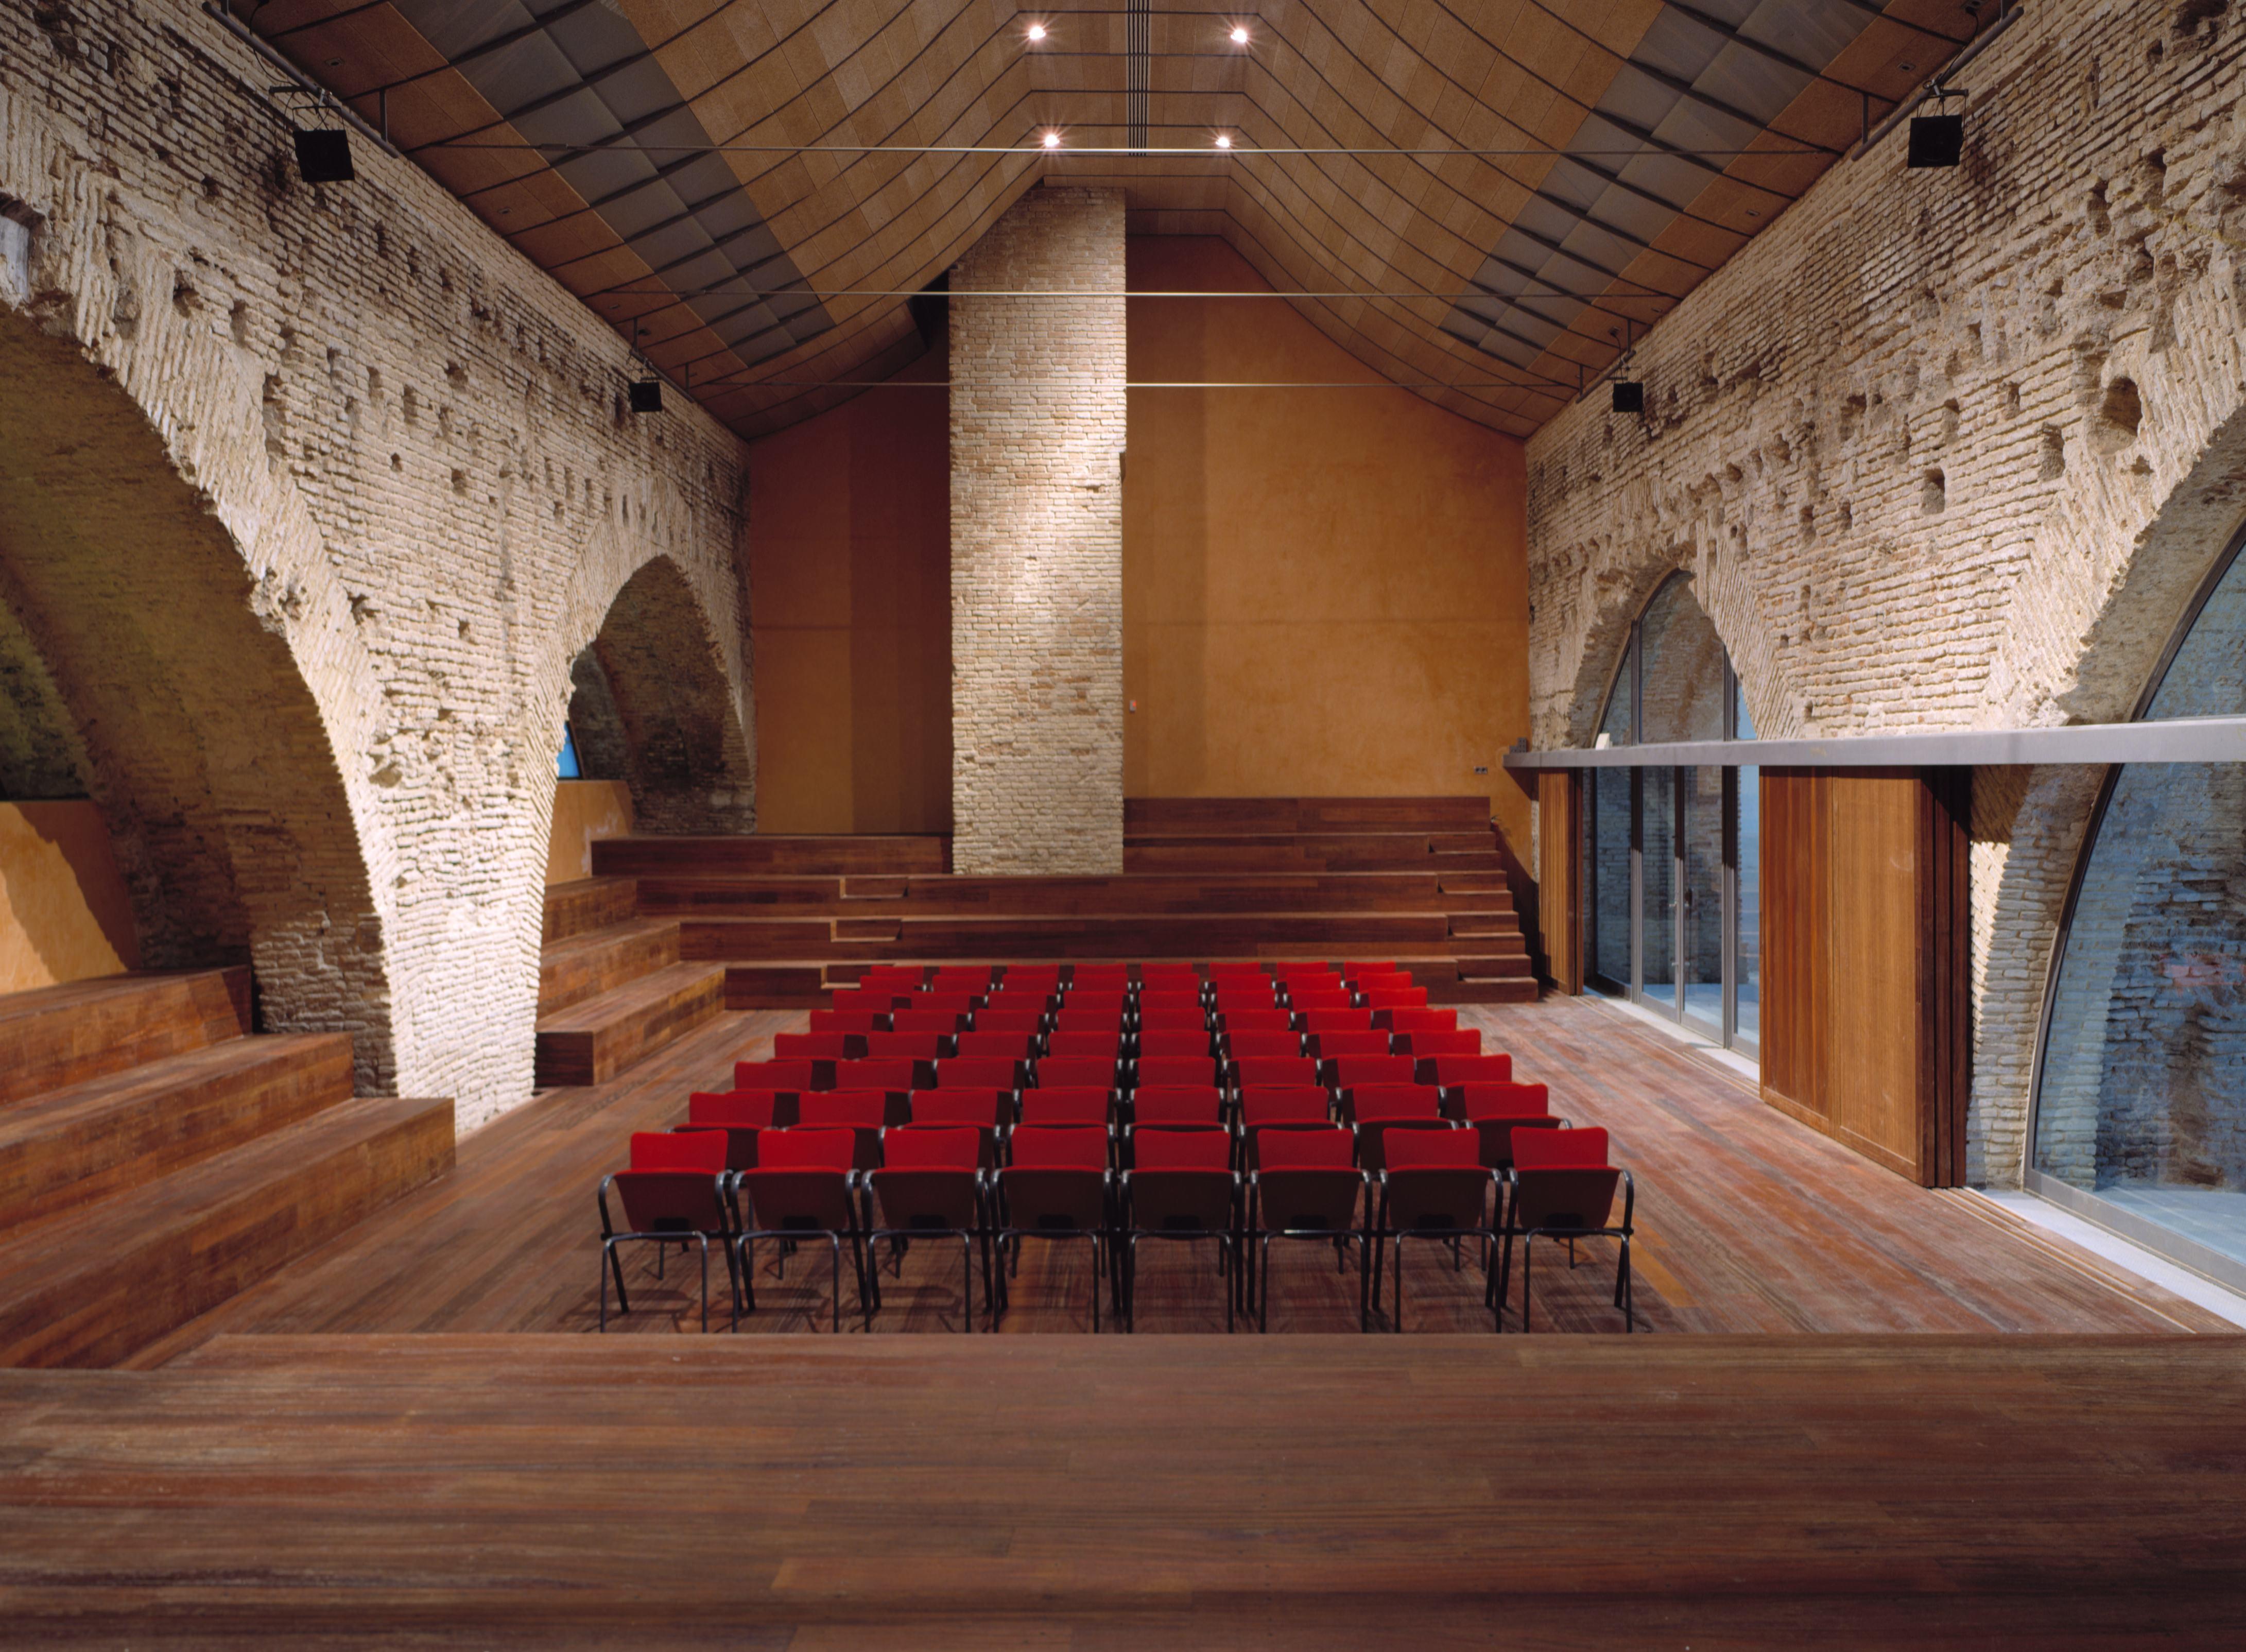 Sala de Fundicion Atarazanas de Sevilla. Mortero de cal y Estuco planchado. Color naranja calabaza